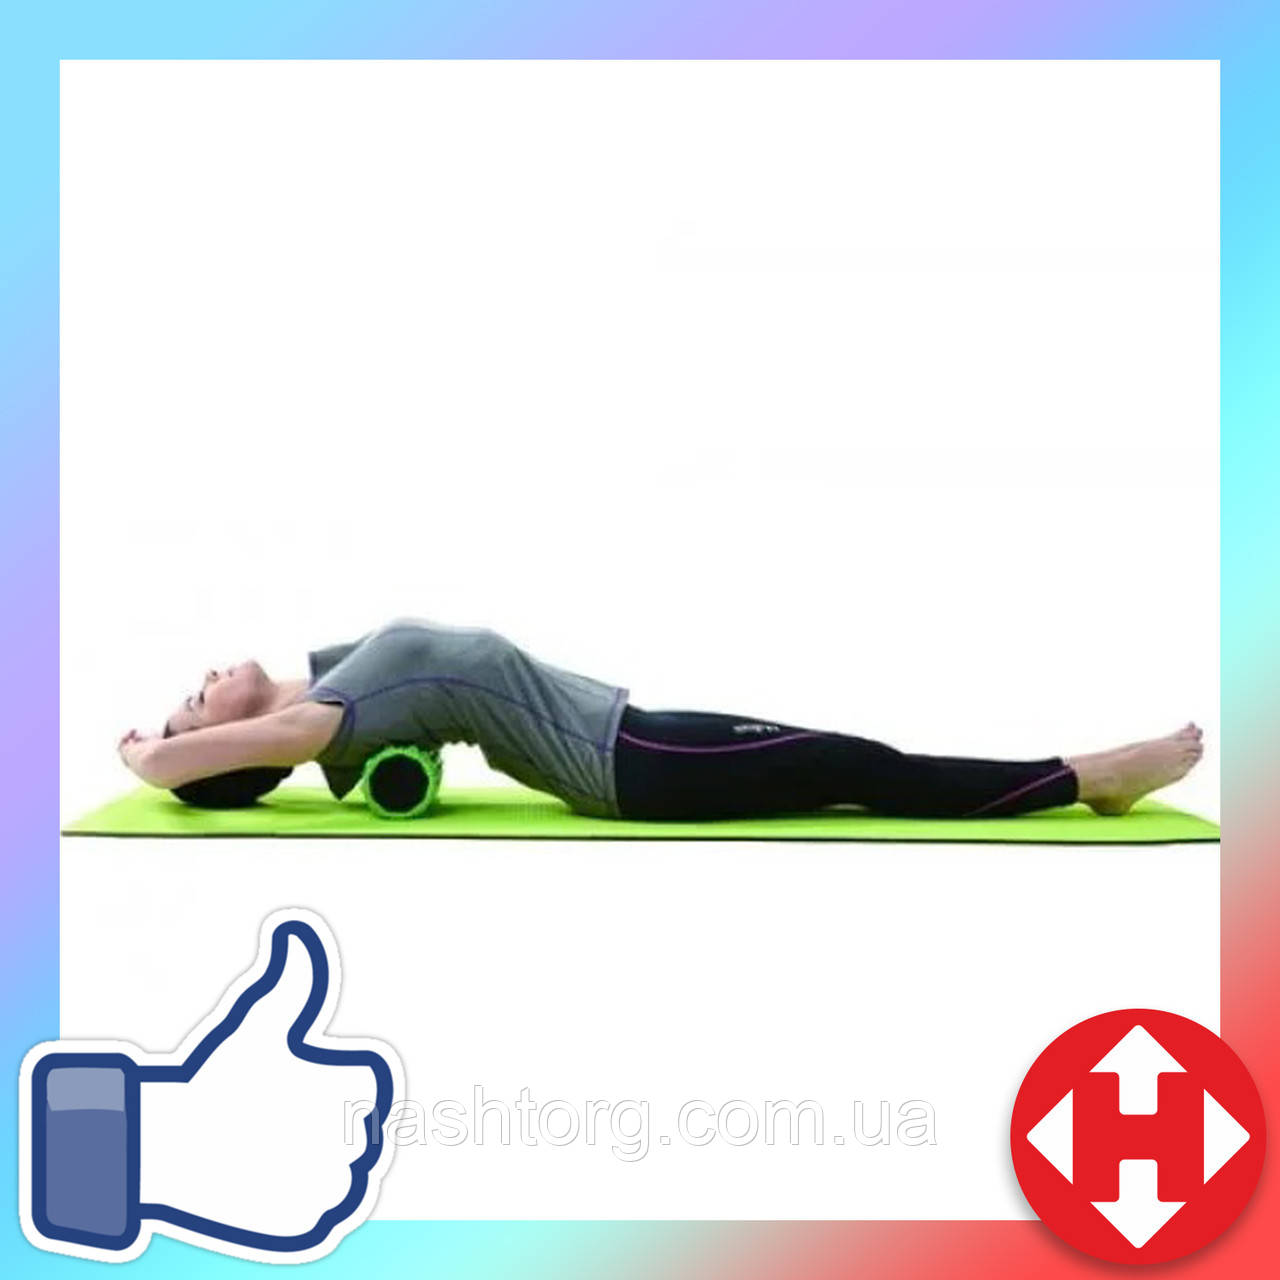 Роллер для массажа спины 9х30 см Салатовый, валик с шипами для разминки мышц (масажний ролик)